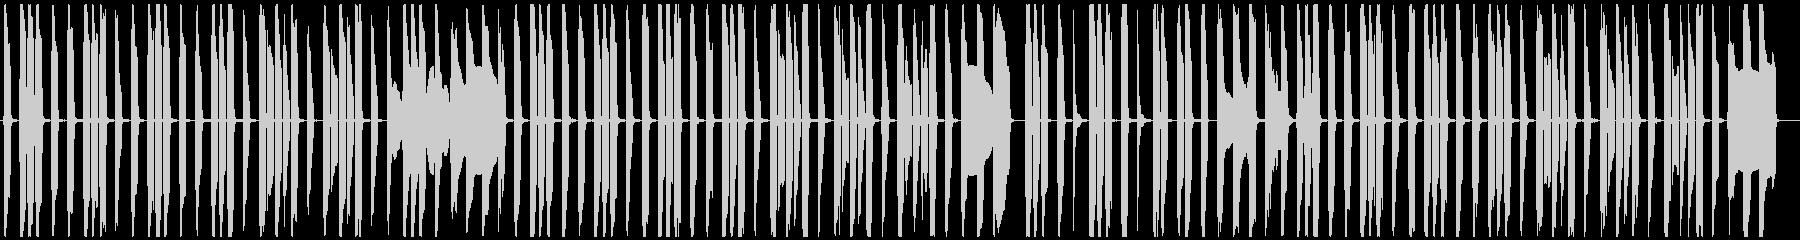 ぐうたらでのんきなコミカル曲の未再生の波形